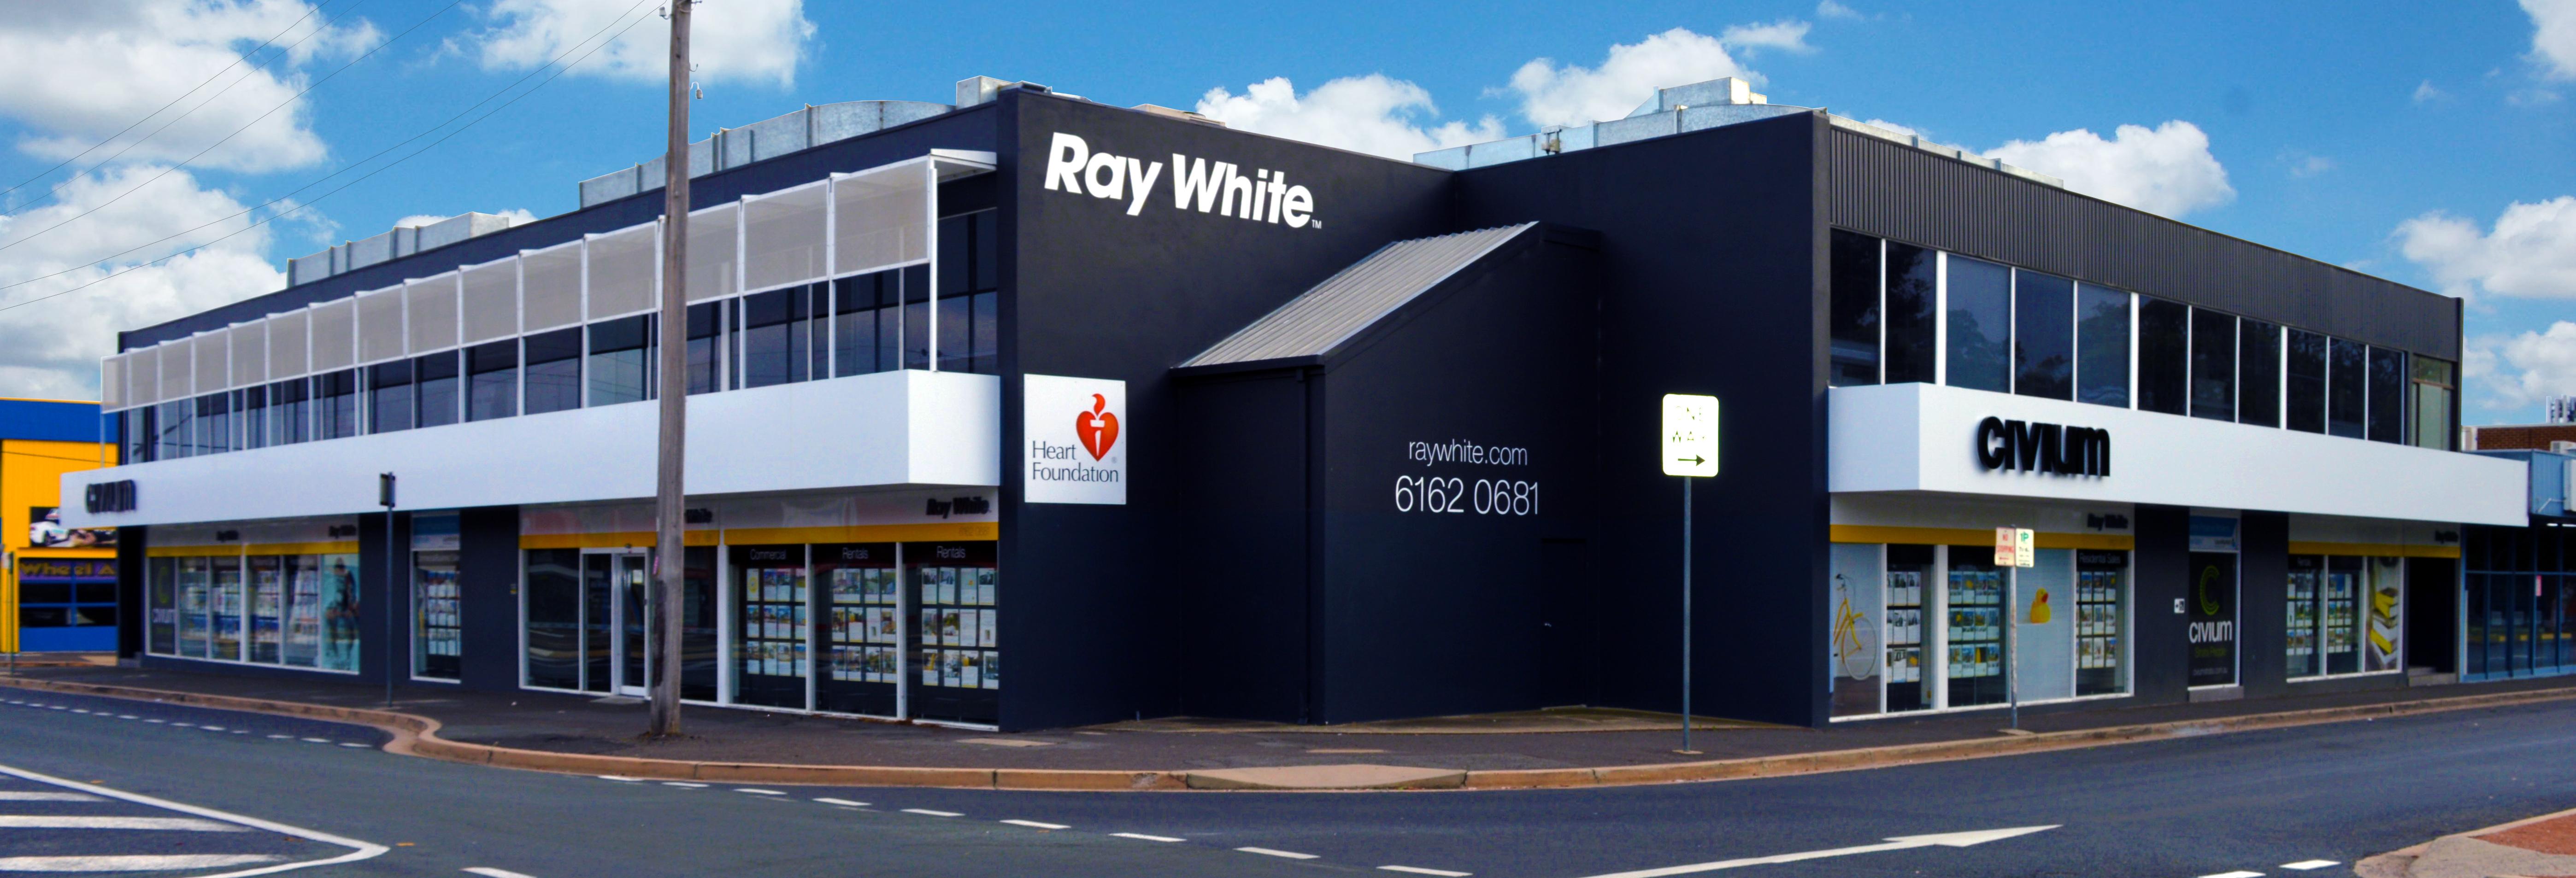 RAY WHITE FASCIA